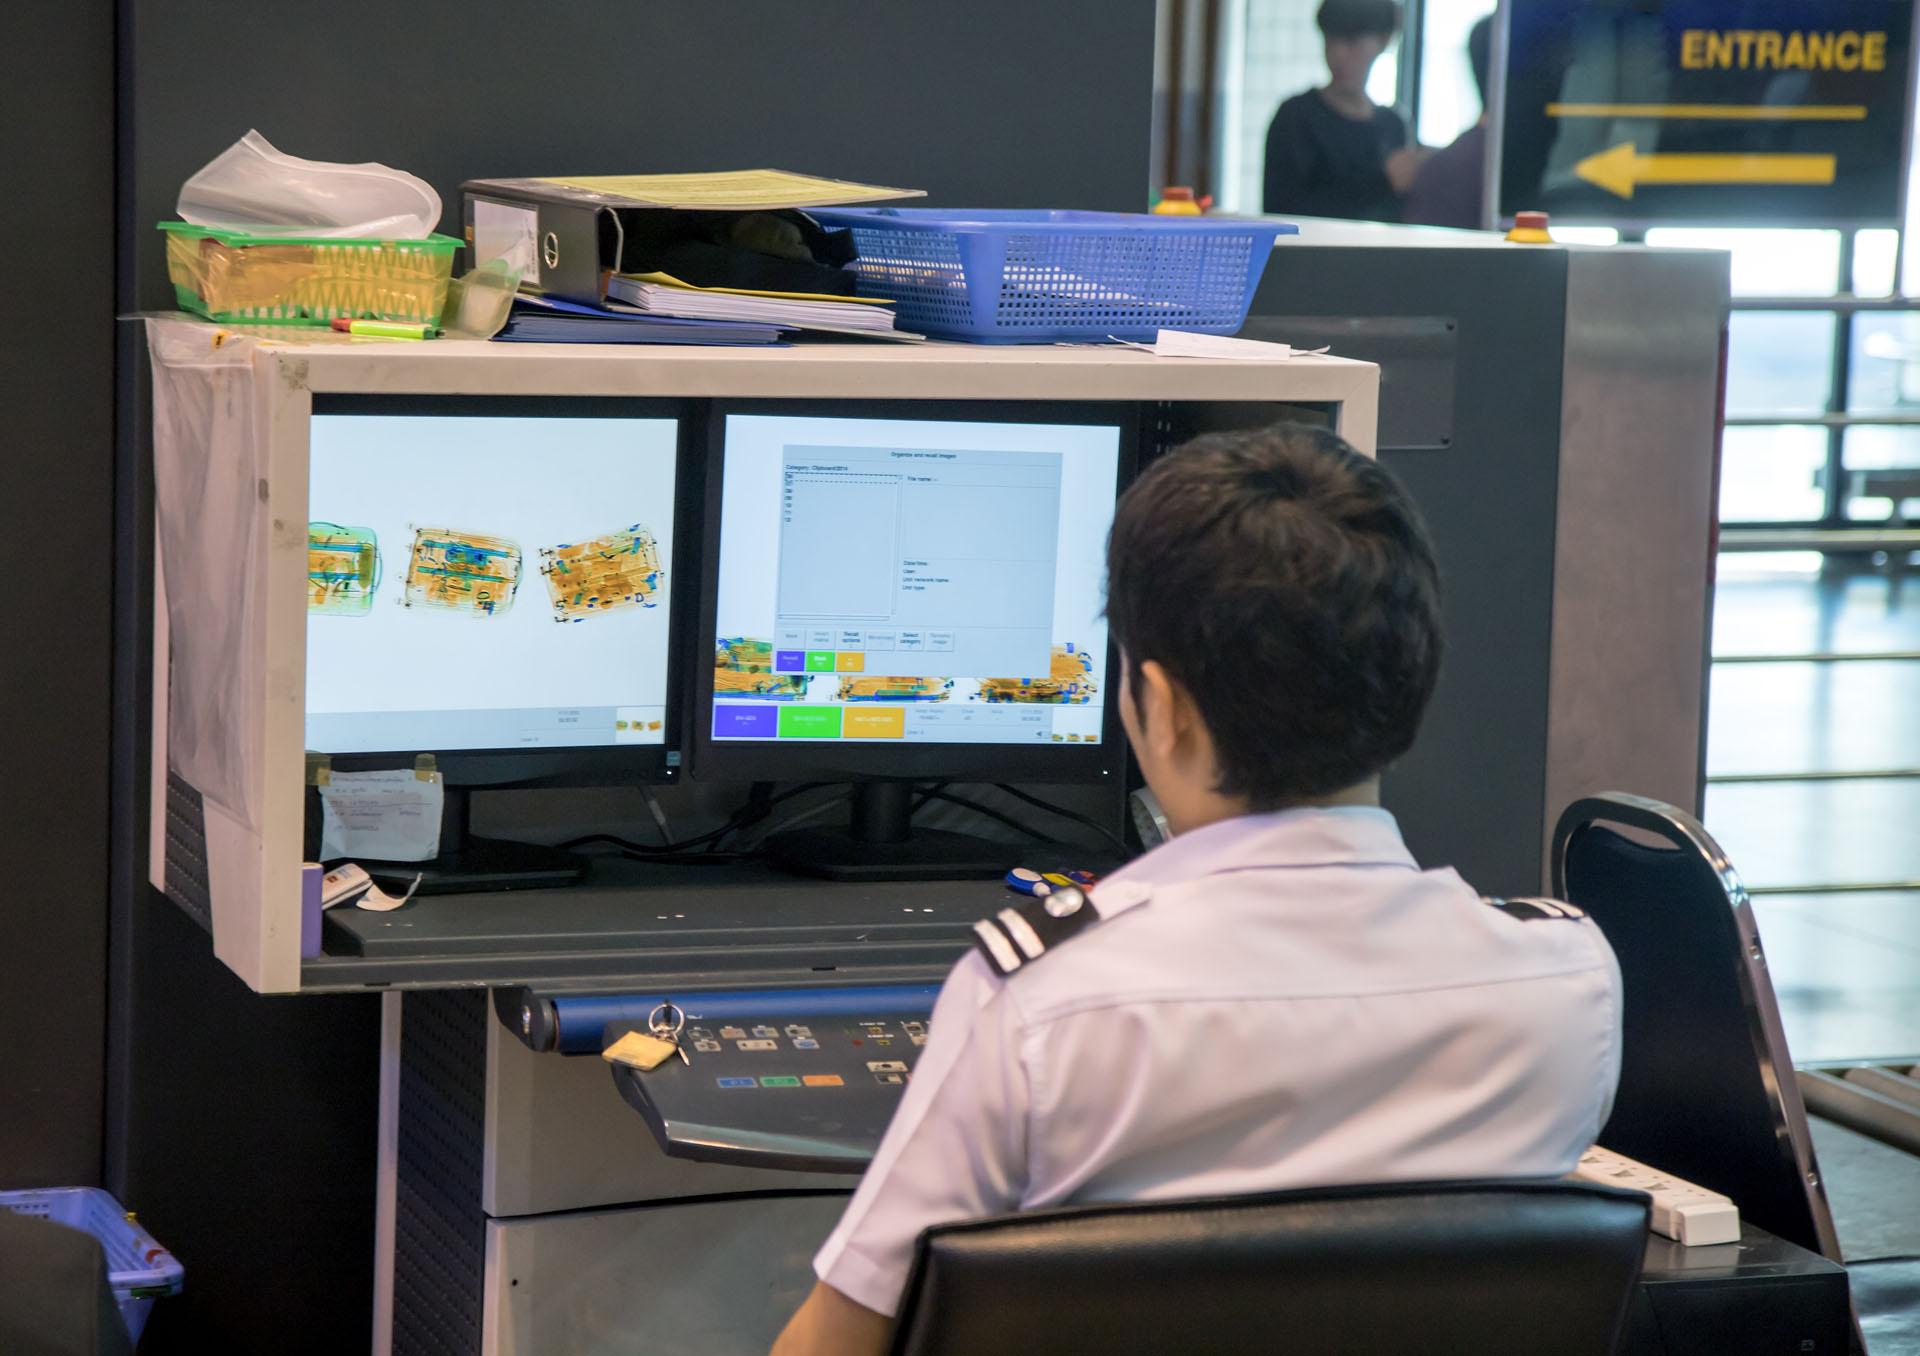 metier-agent-constatation-des-douanes